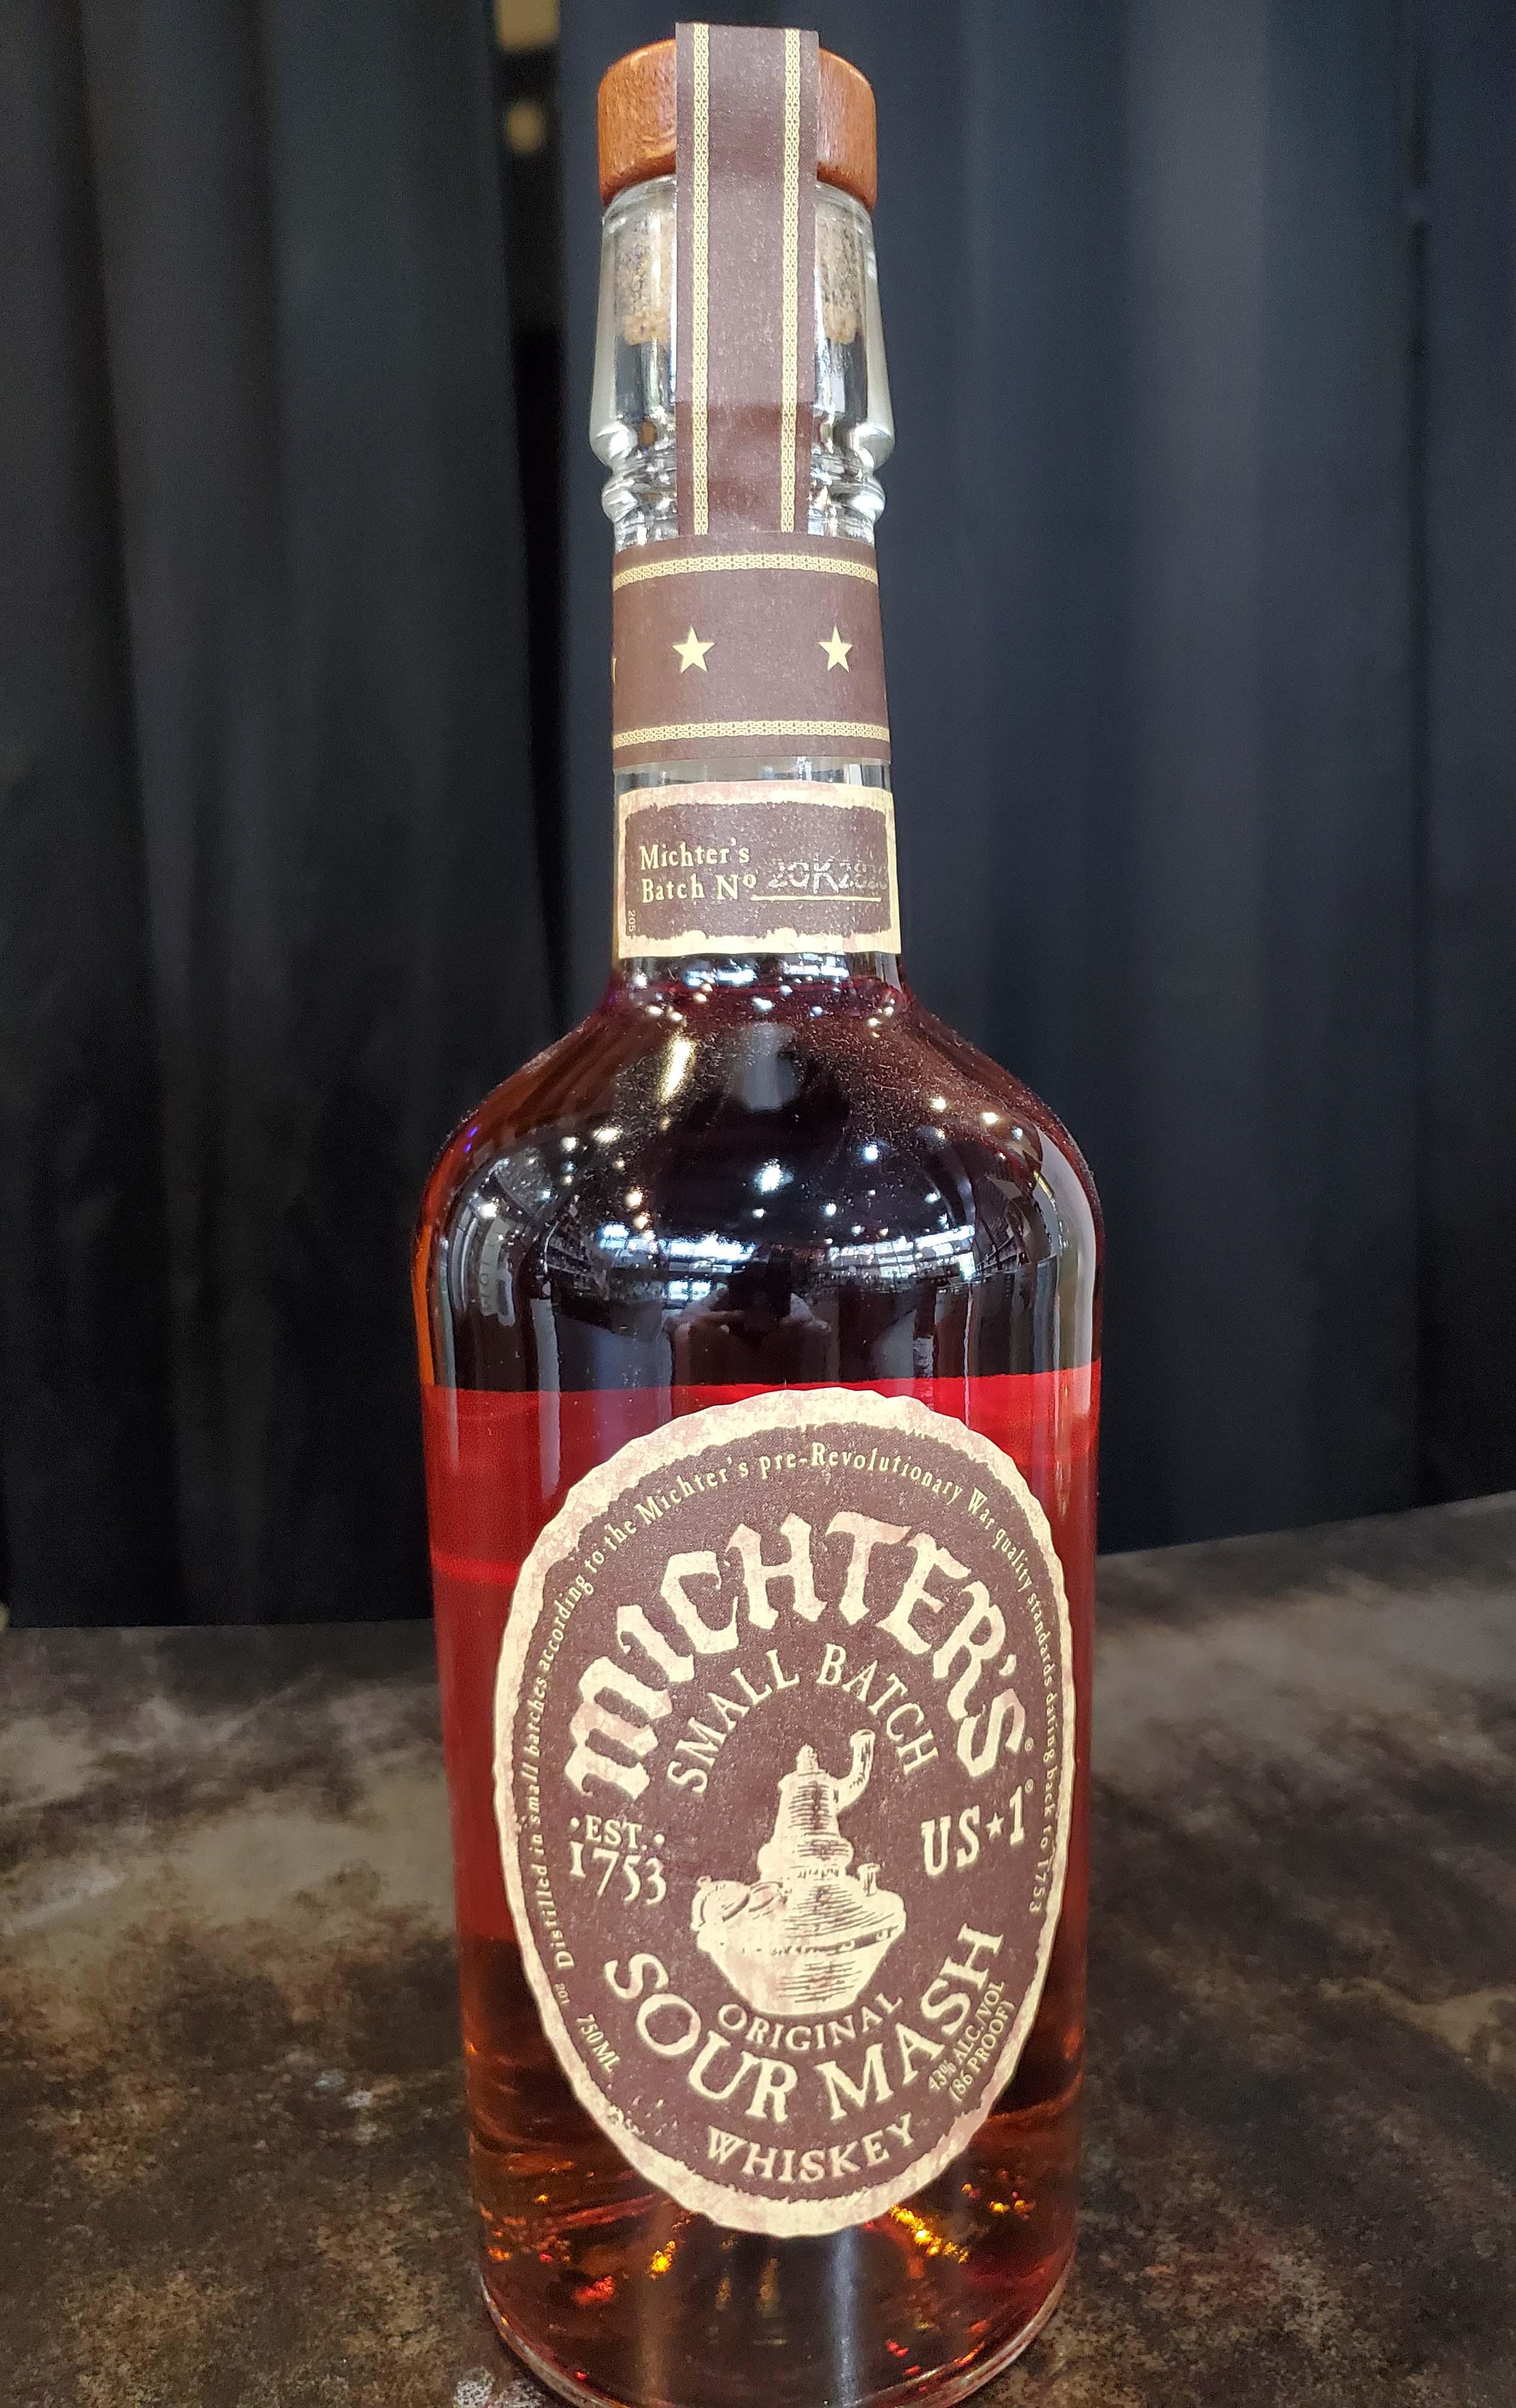 michters-sour-mash-bourbon